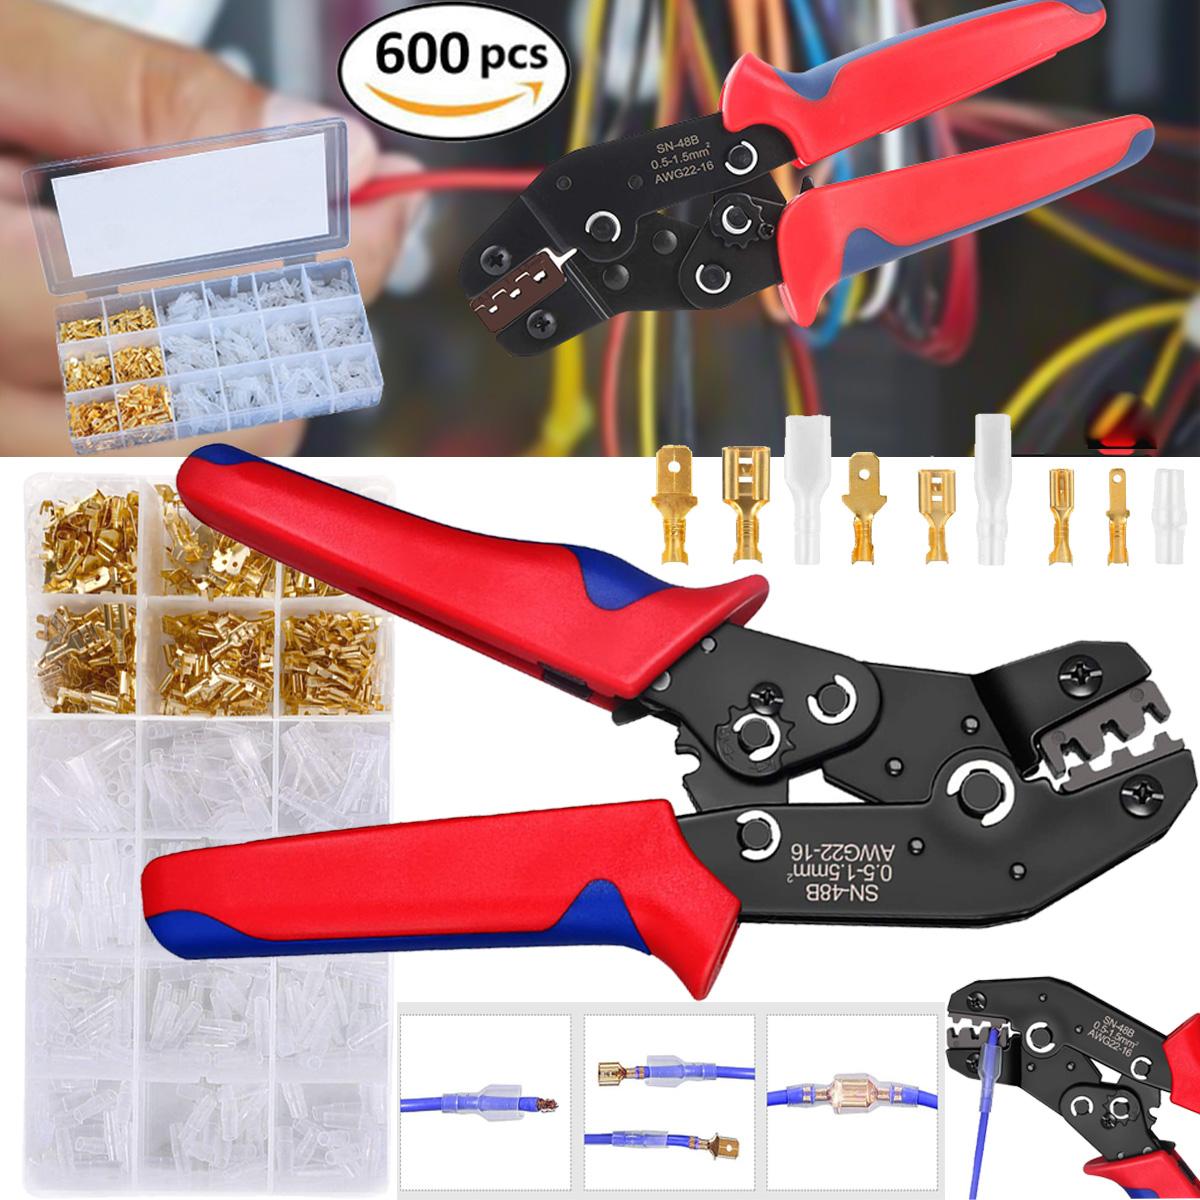 Zange mit Ratschenfunktion isolierte Stecker+Aderendhülsen +600 Presskabelschuhe